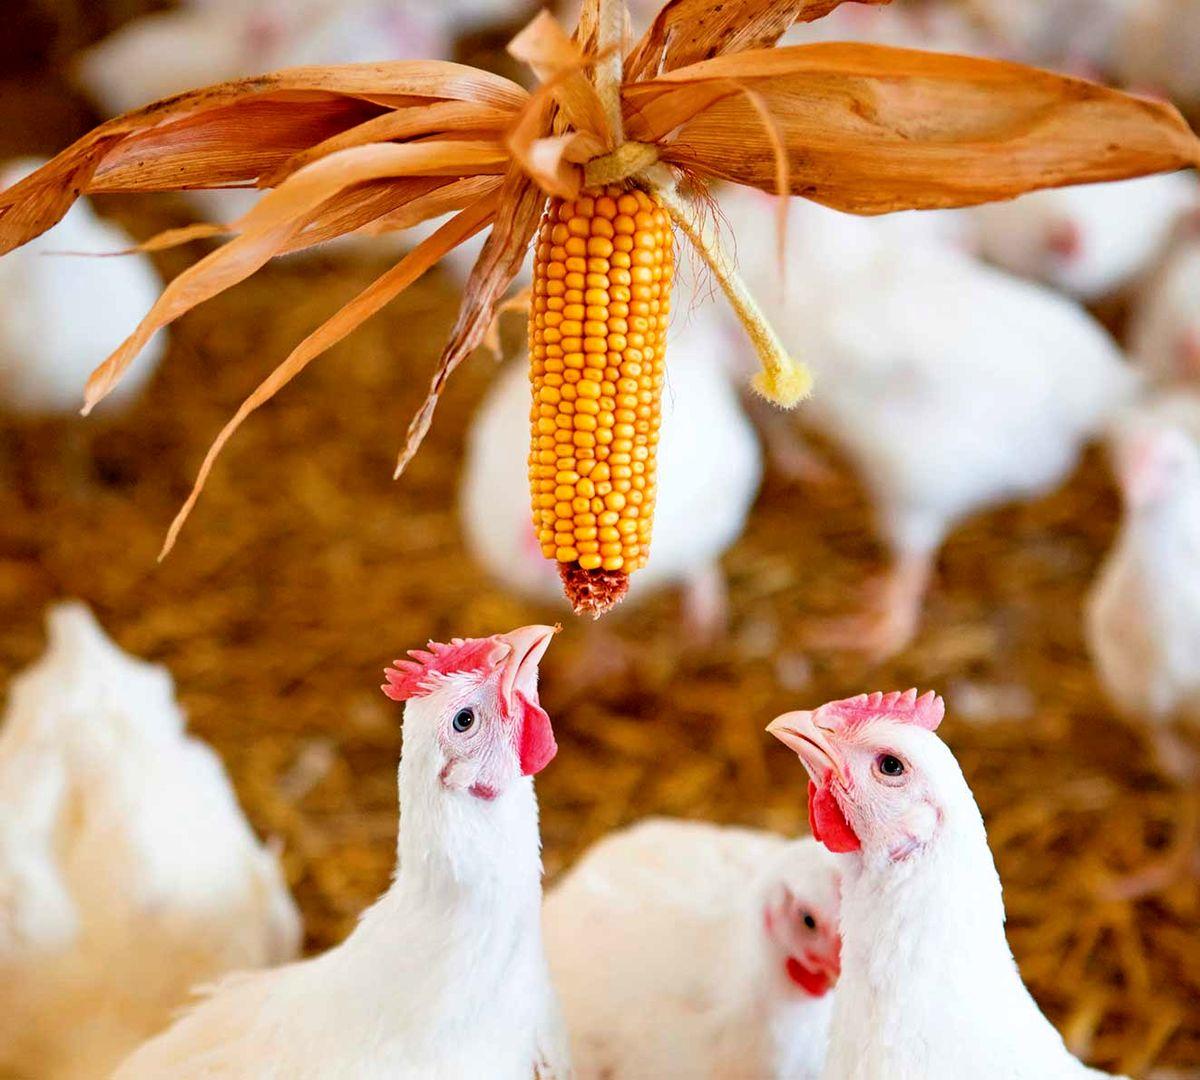 قیمت مرغ ۲۰ هزار و ۴۰۰تومان است